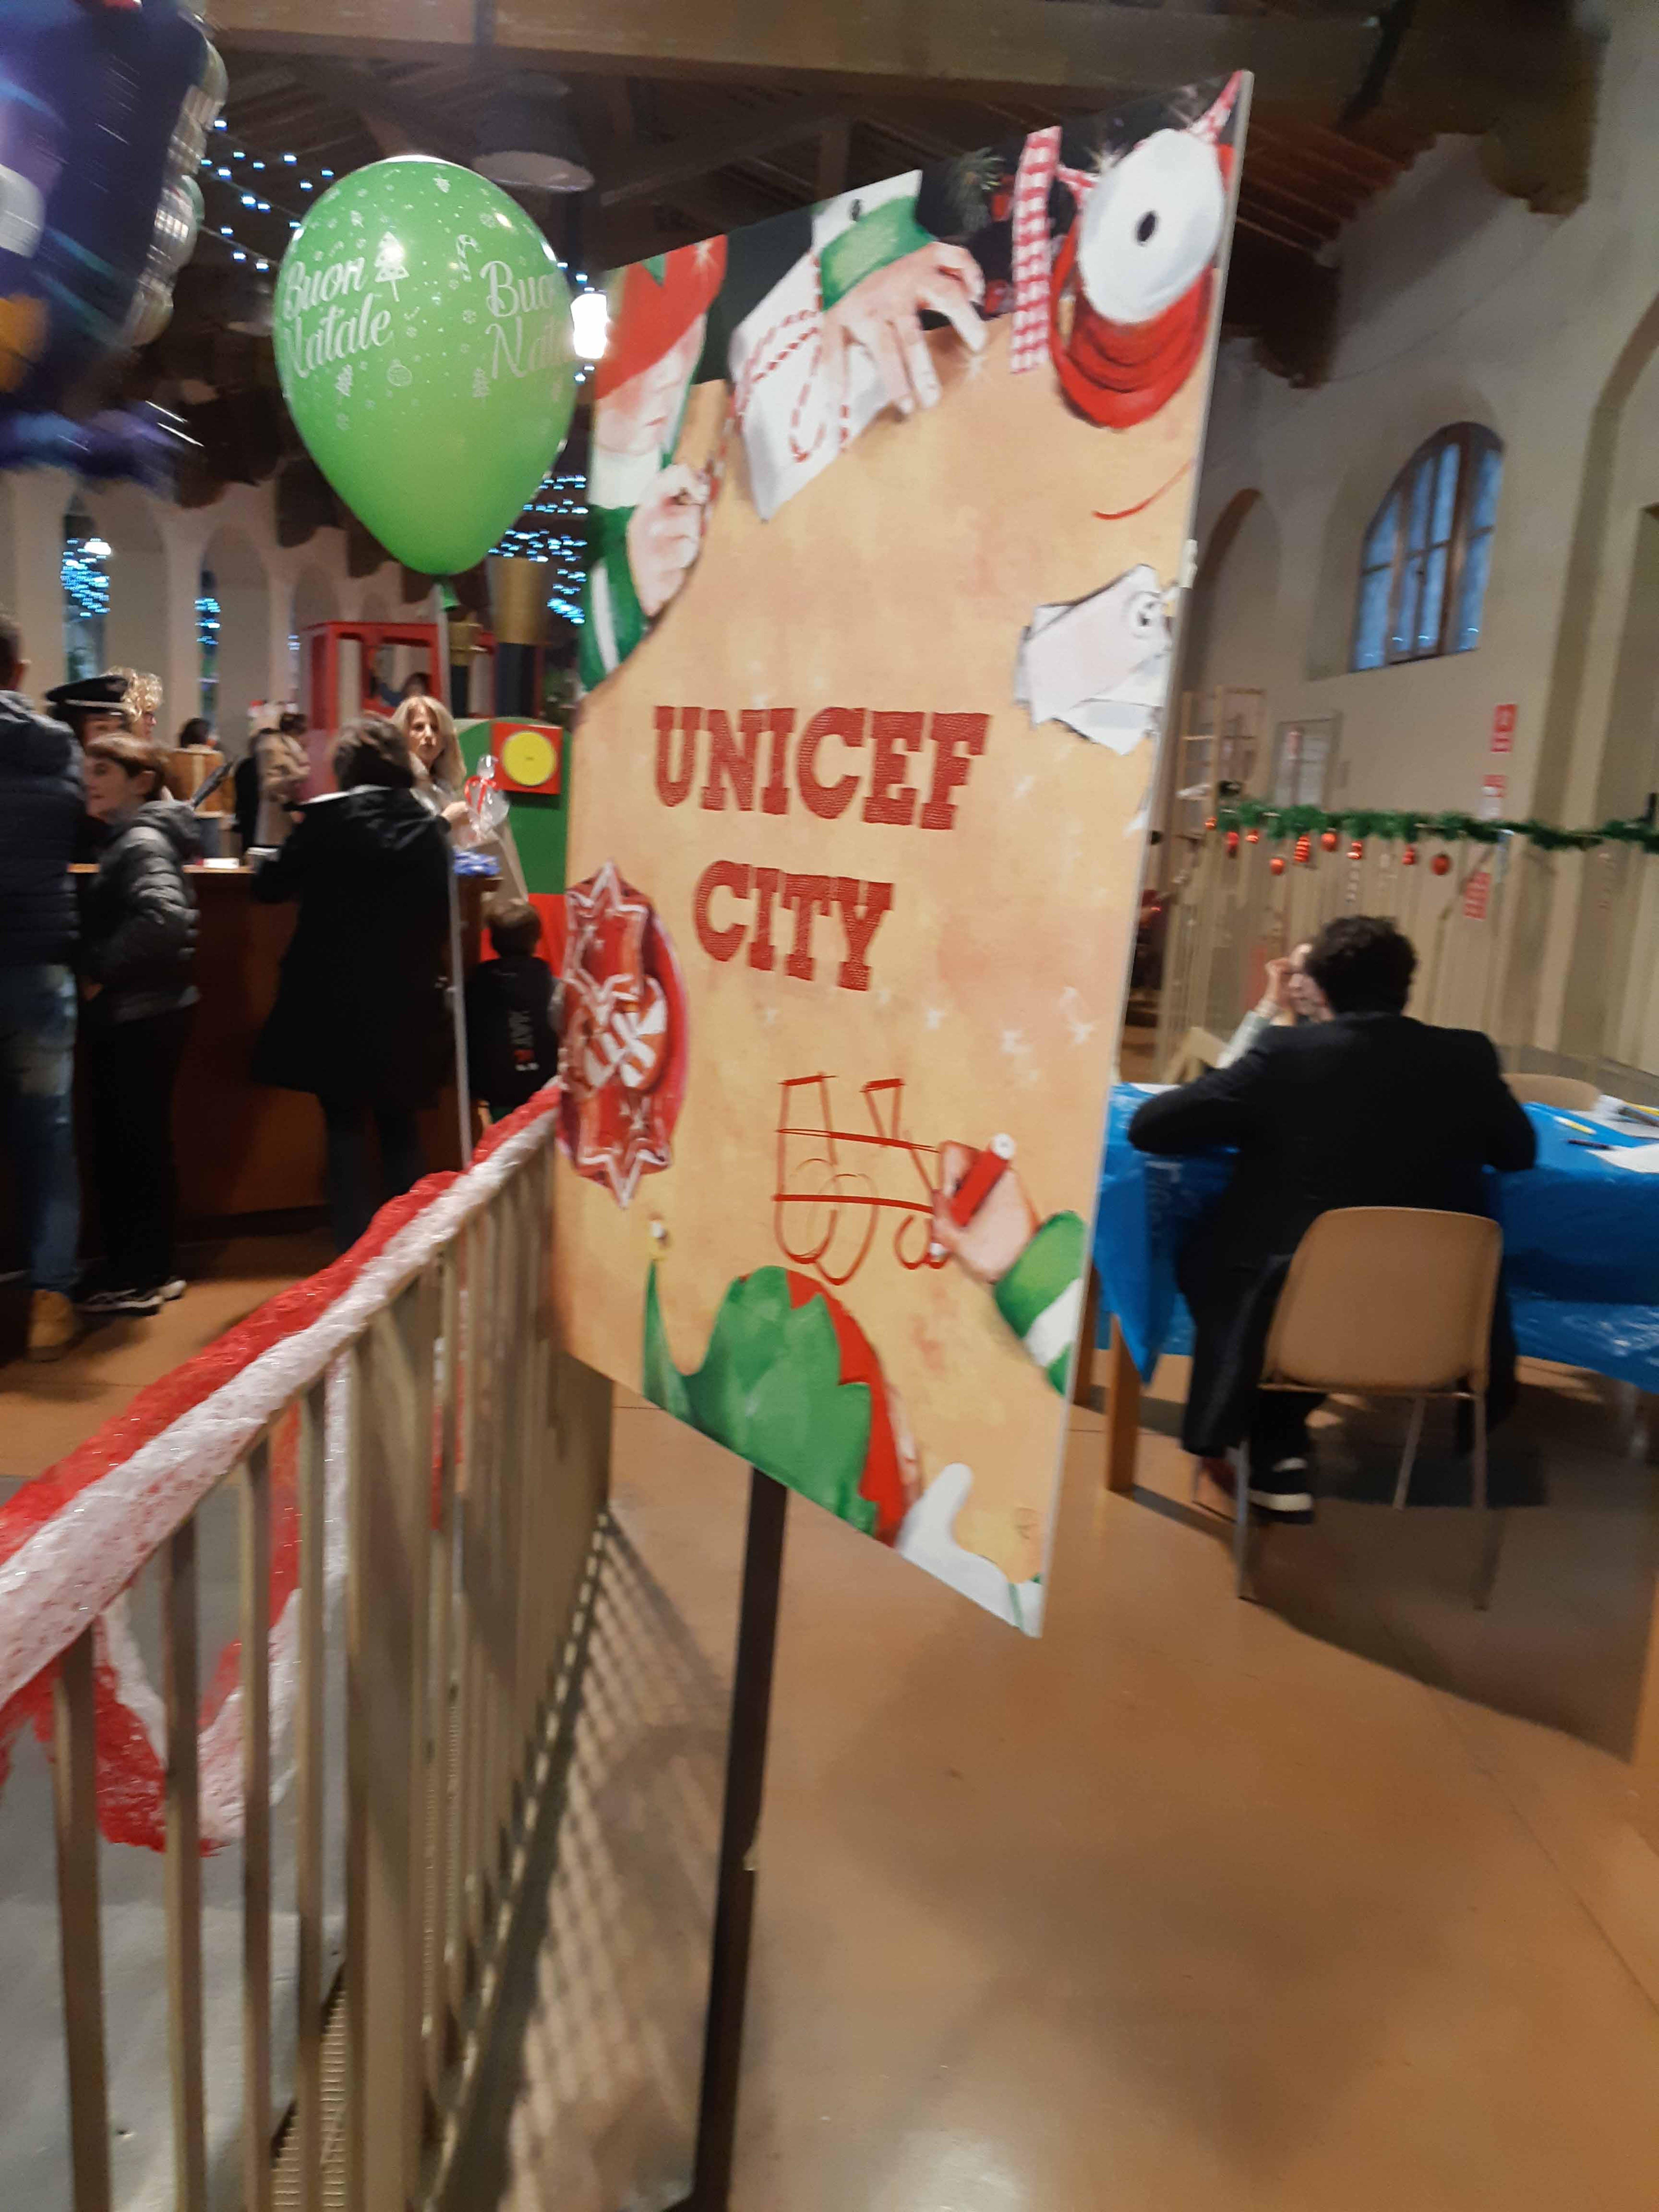 Stazione incantata alla Leopolda di Pisa con UNICEF City